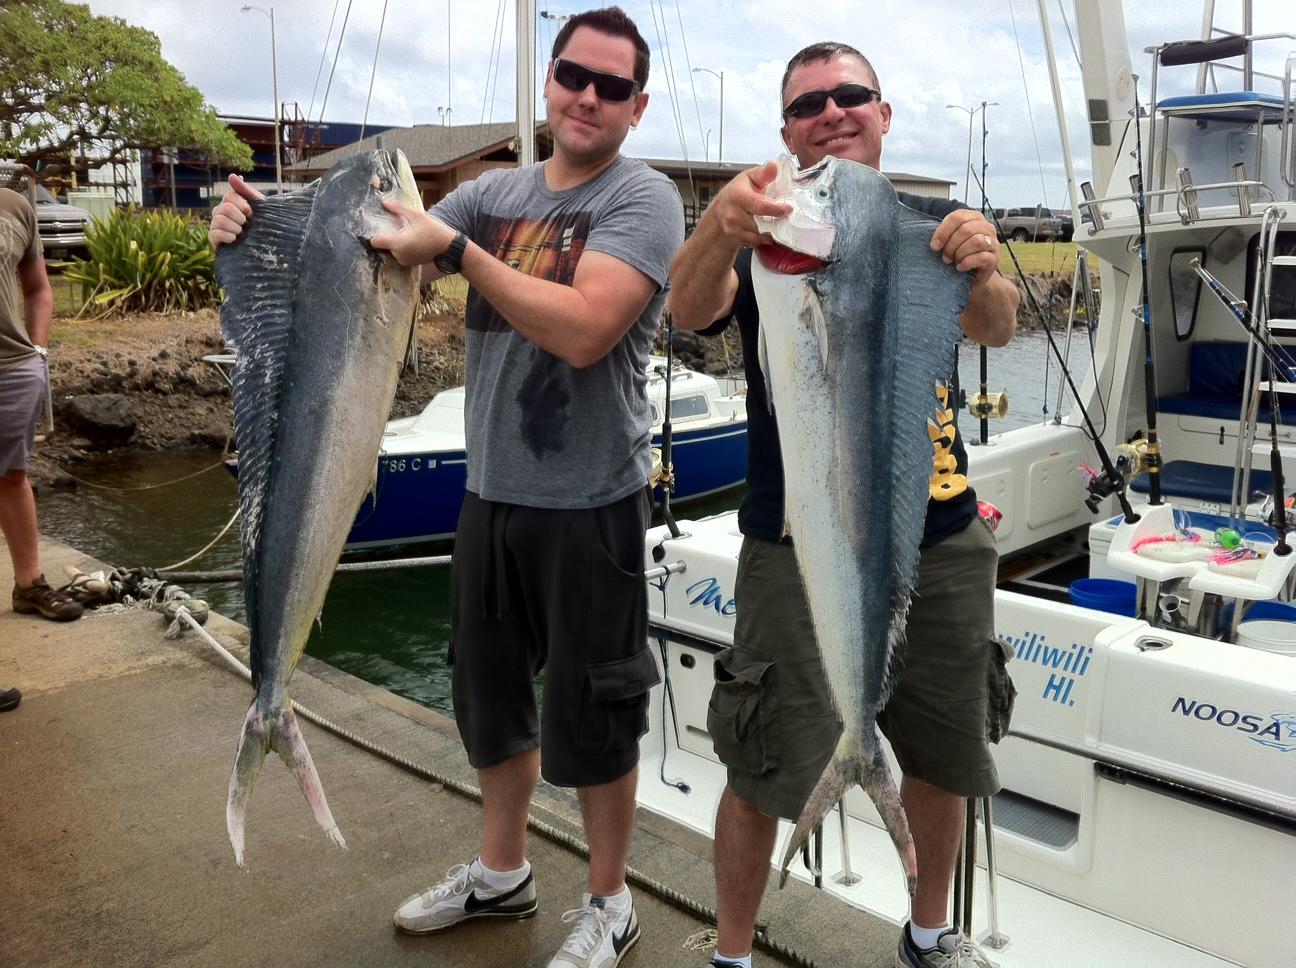 c lure fishing chaters kauai hawaii kauai fishing report